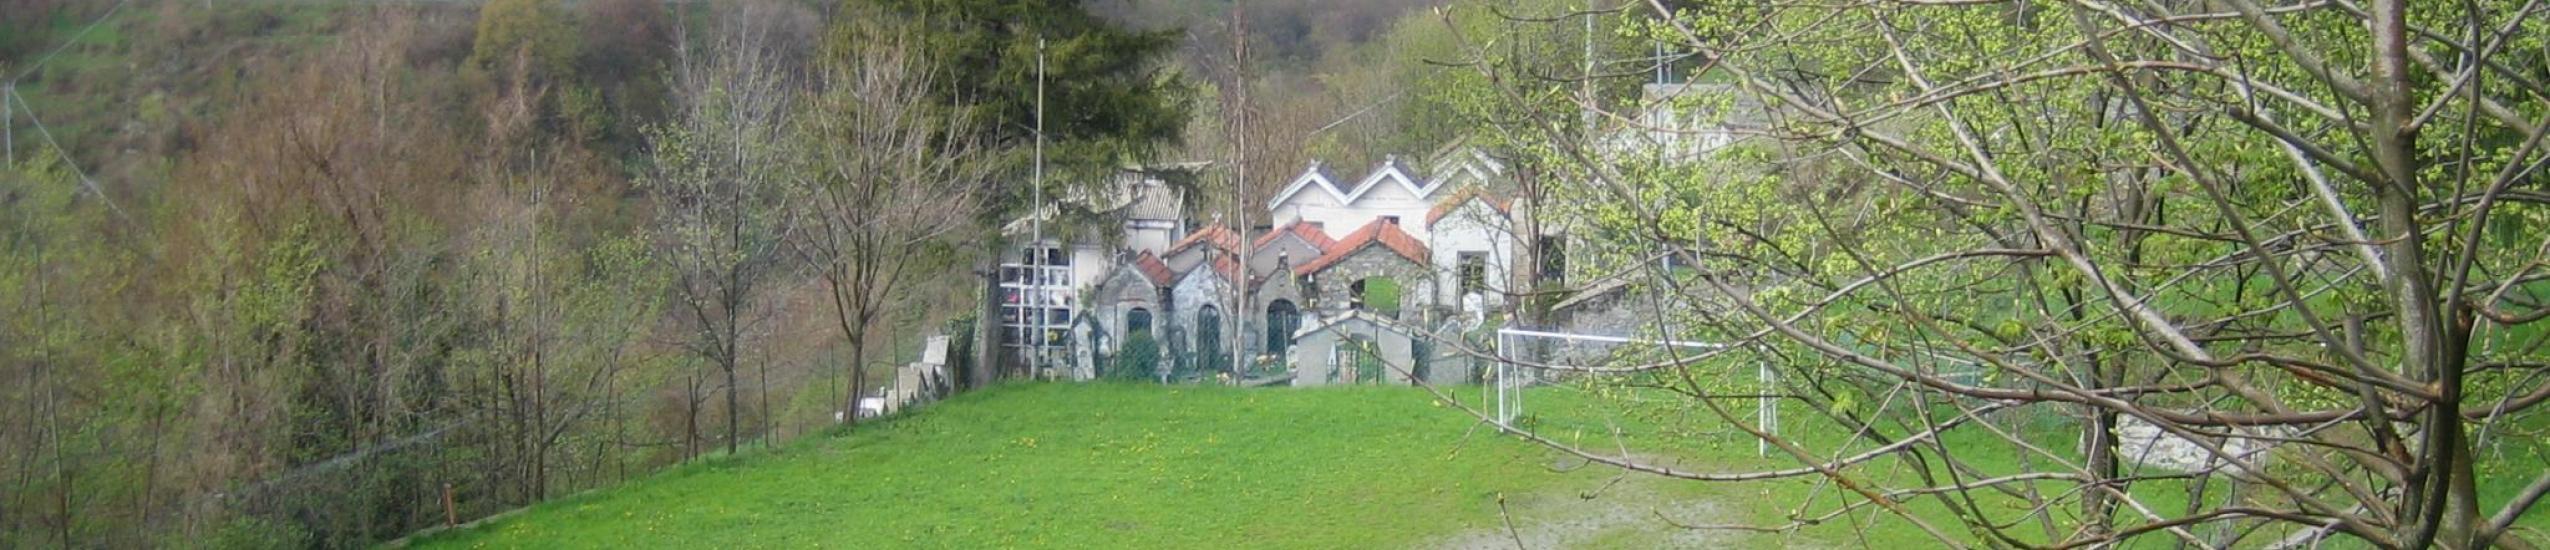 Campo sportivo di Propata